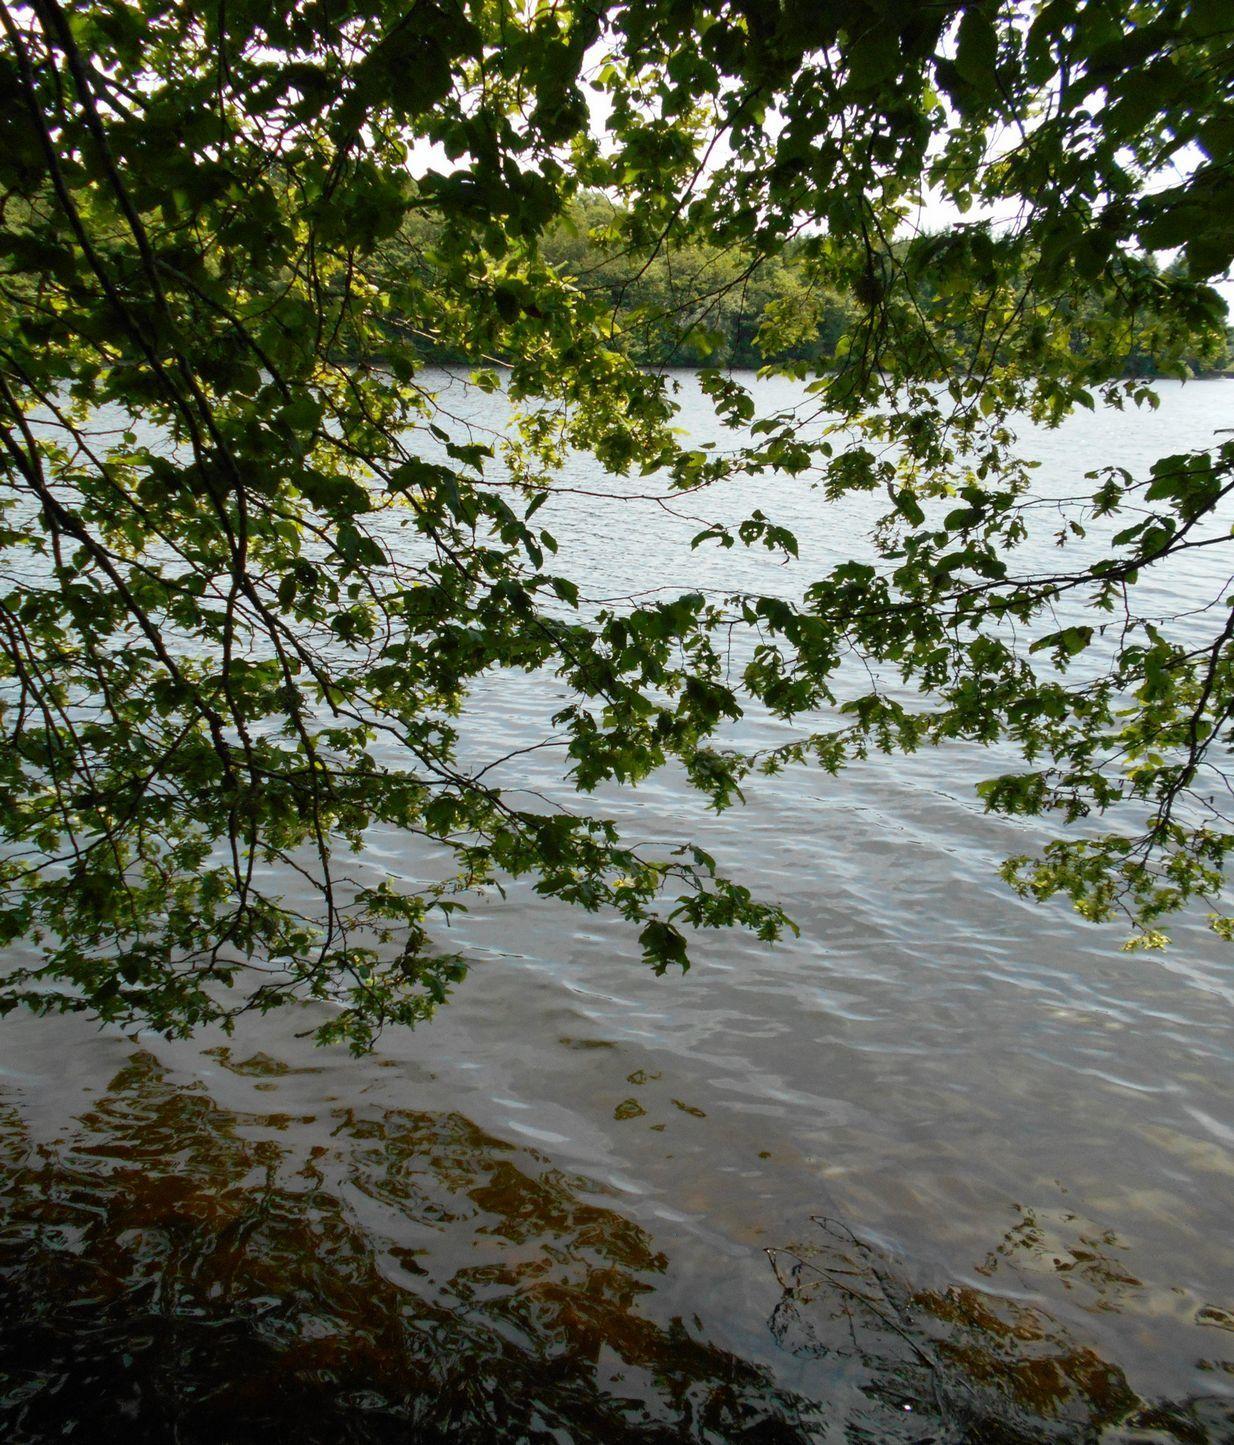 Paradis secret : mon bel étang bourguignon